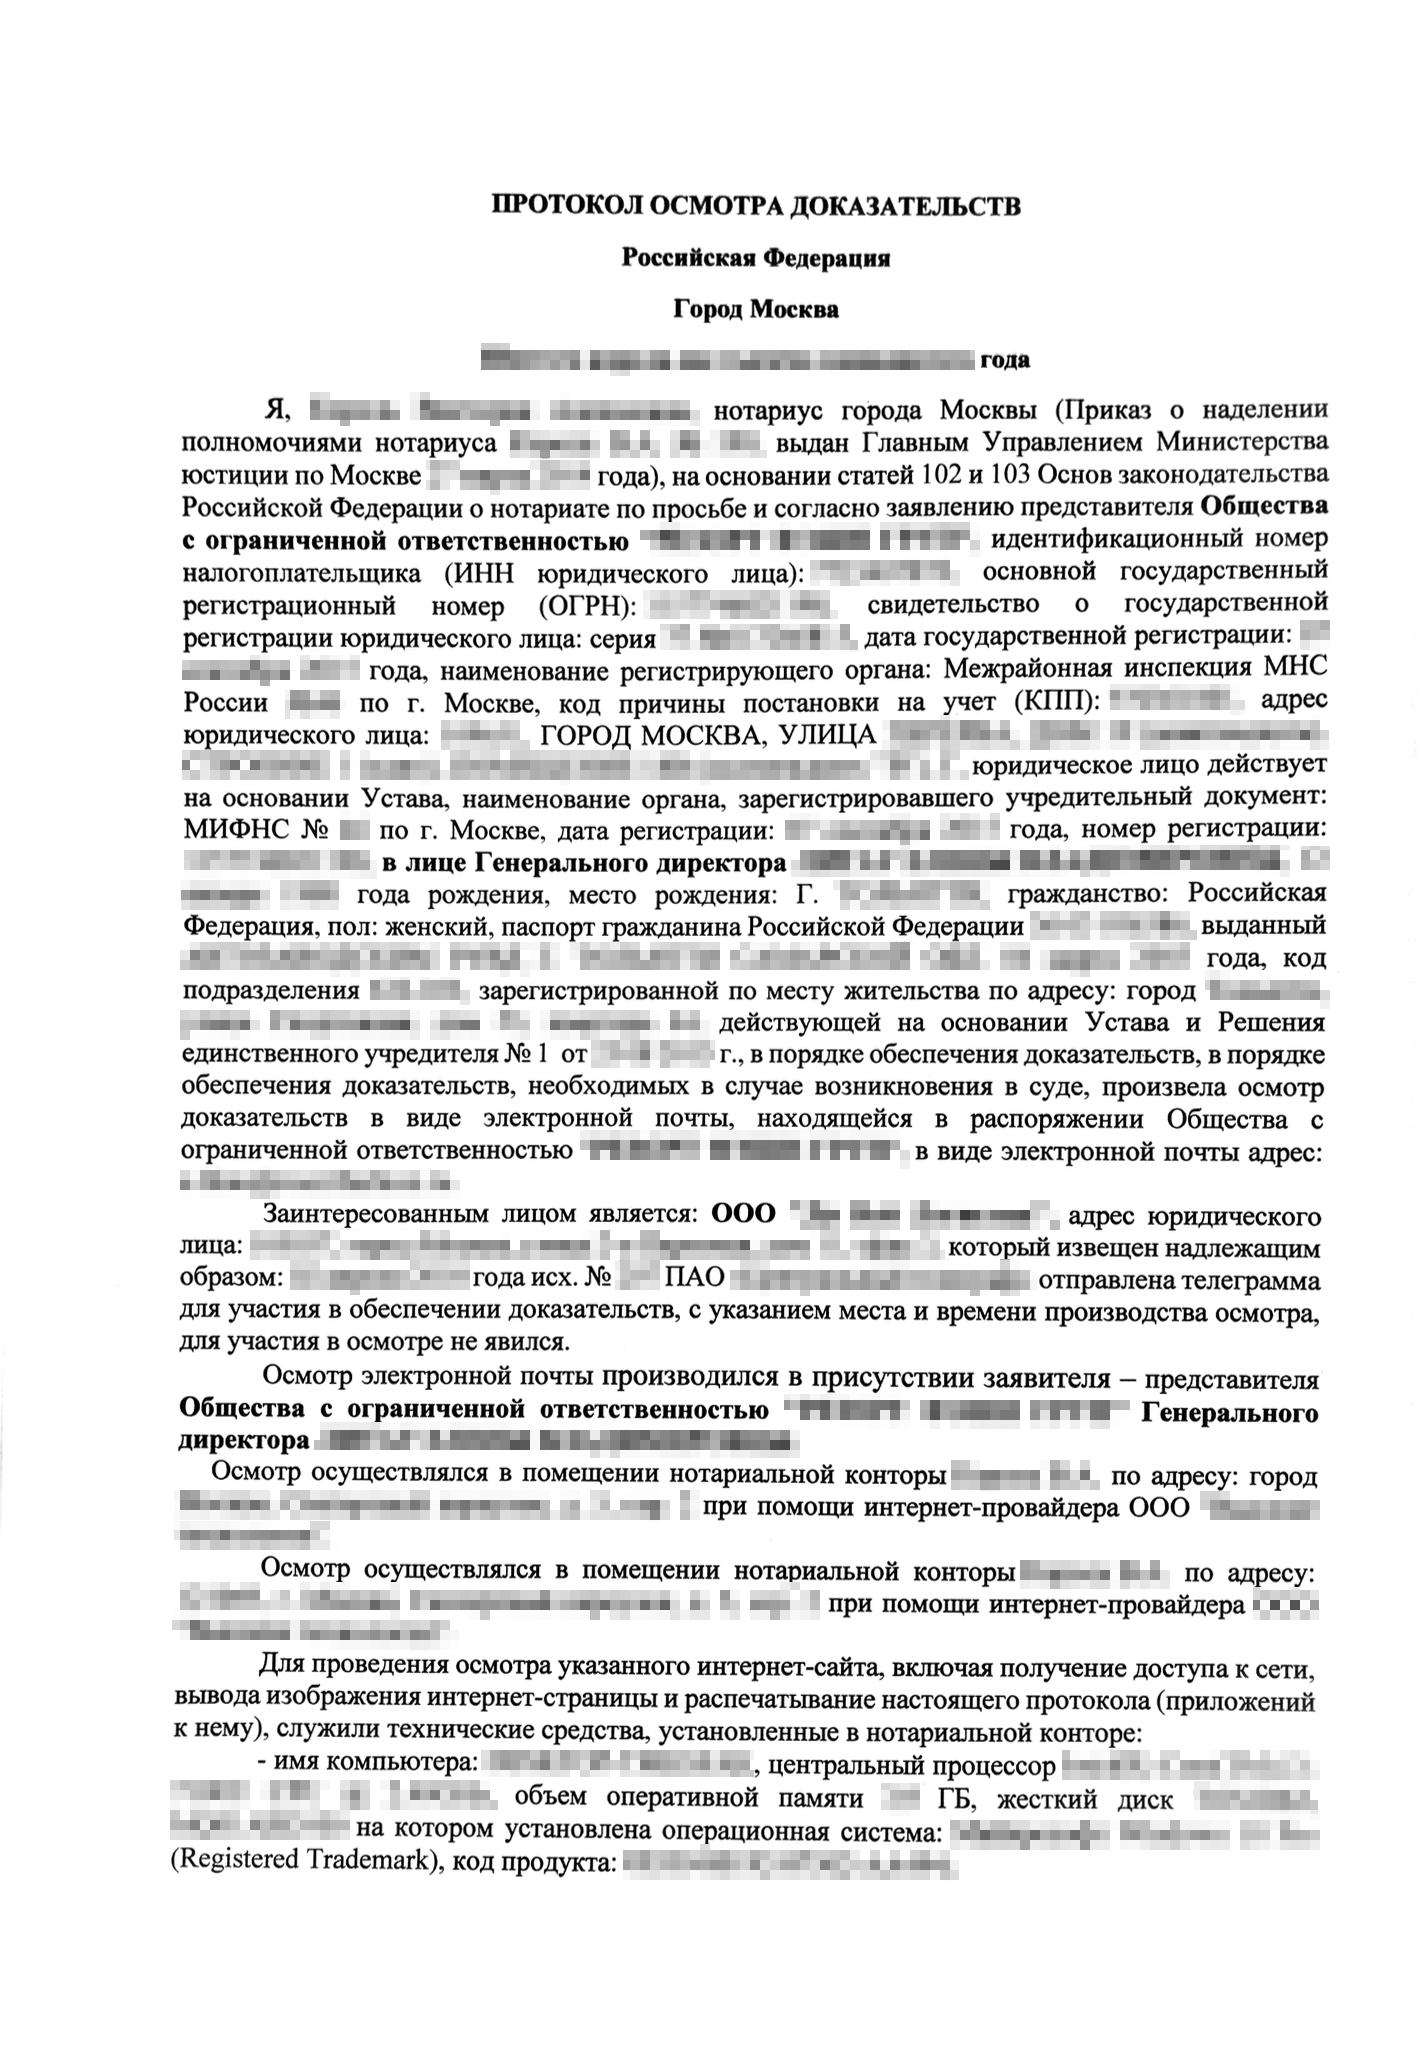 Заглавная страница протокола осмотра доказательств, в котором нотариус описывает содержание страницы в интернете